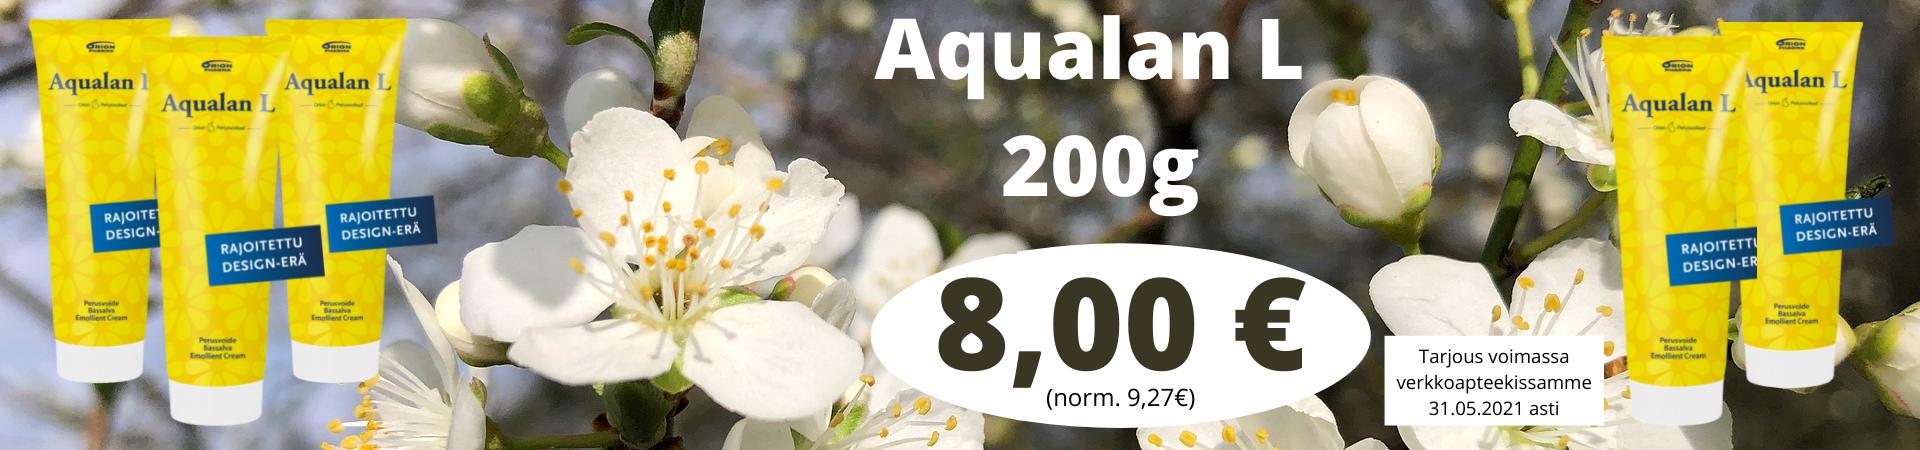 Aqualan L 200g summer rajoitettu erä kesä 2021 tarjous